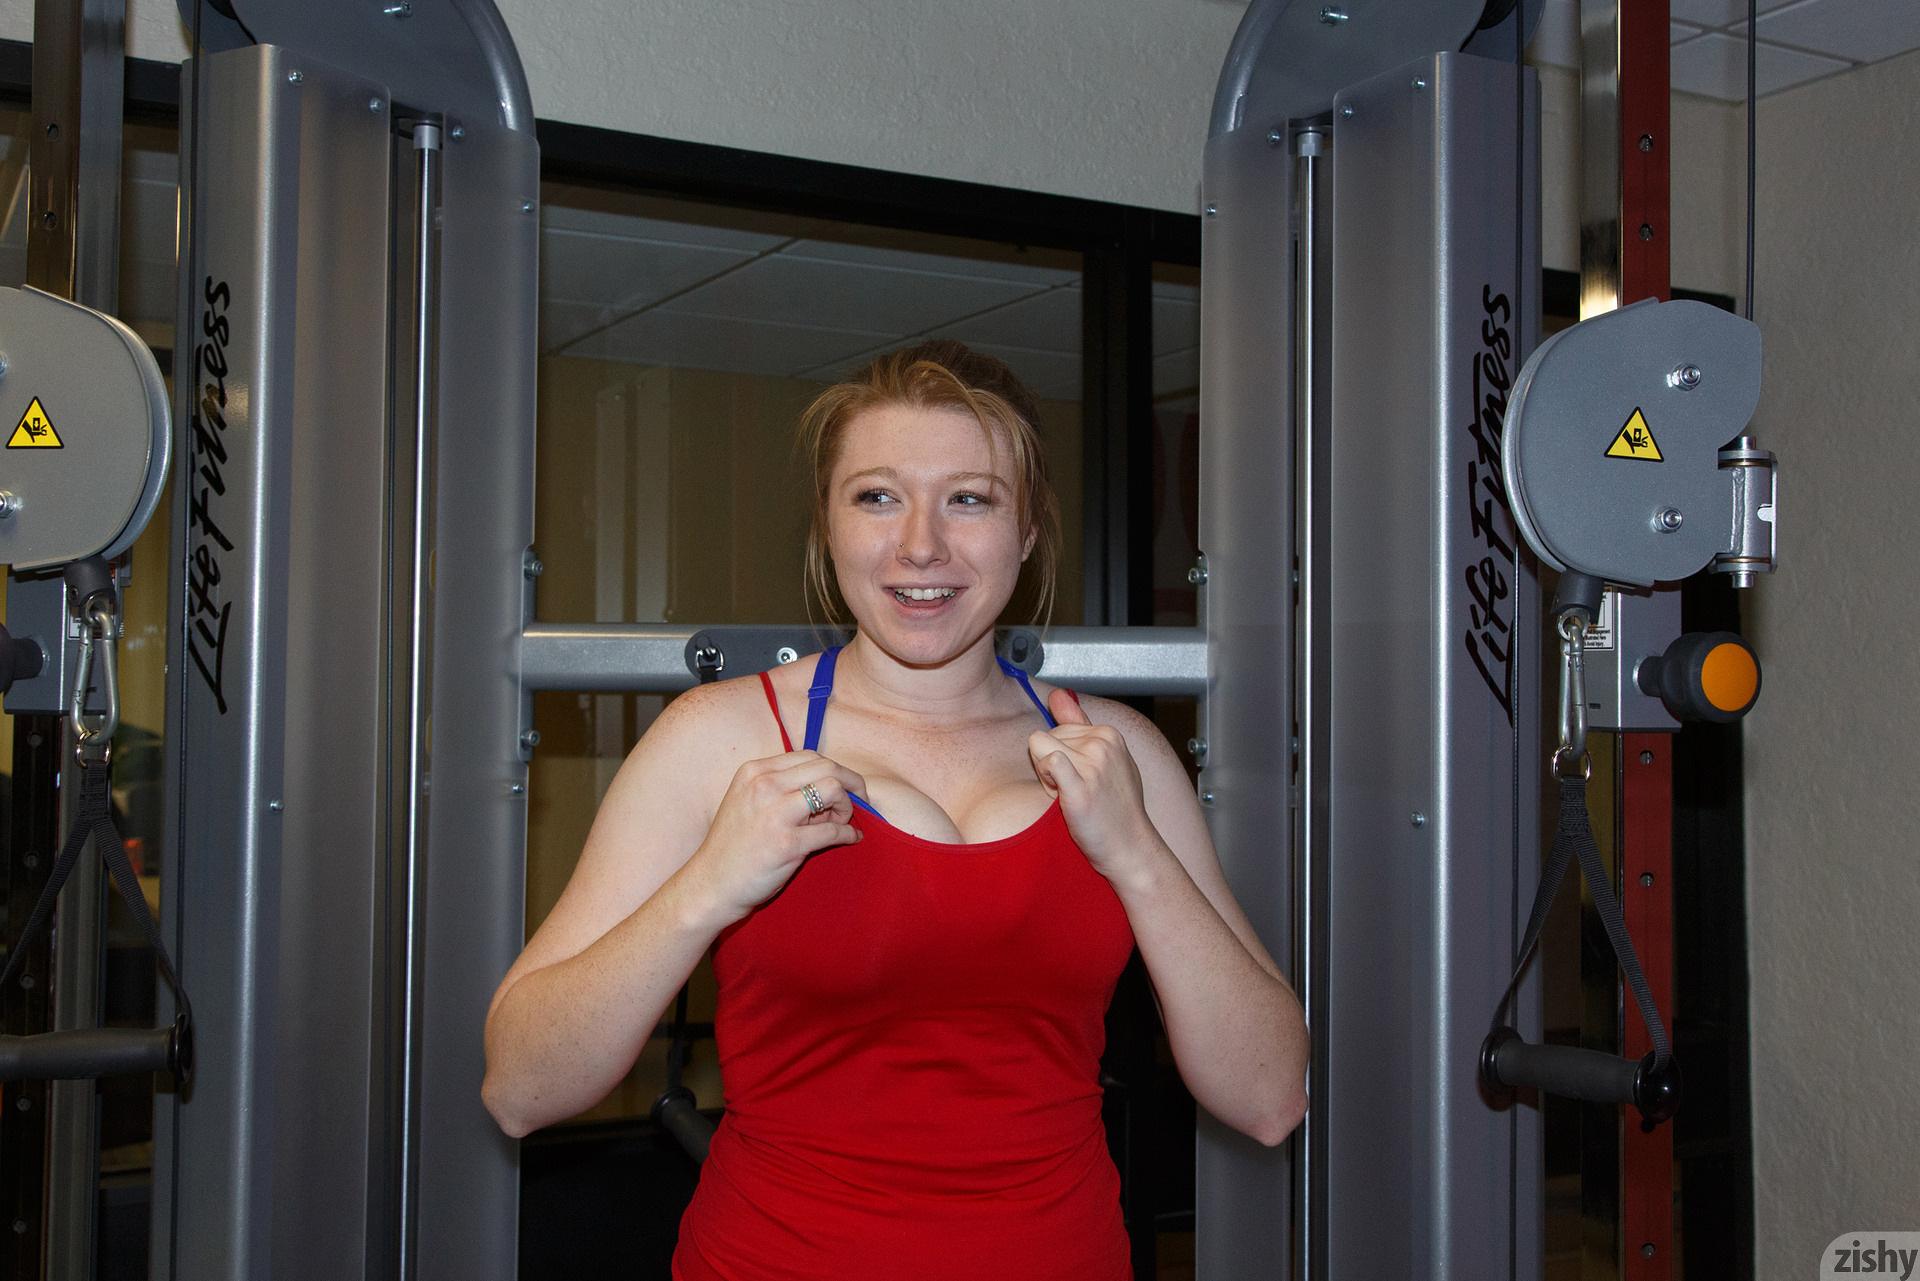 Irelynn Dunham Bedroom Cardio Zishy (19)